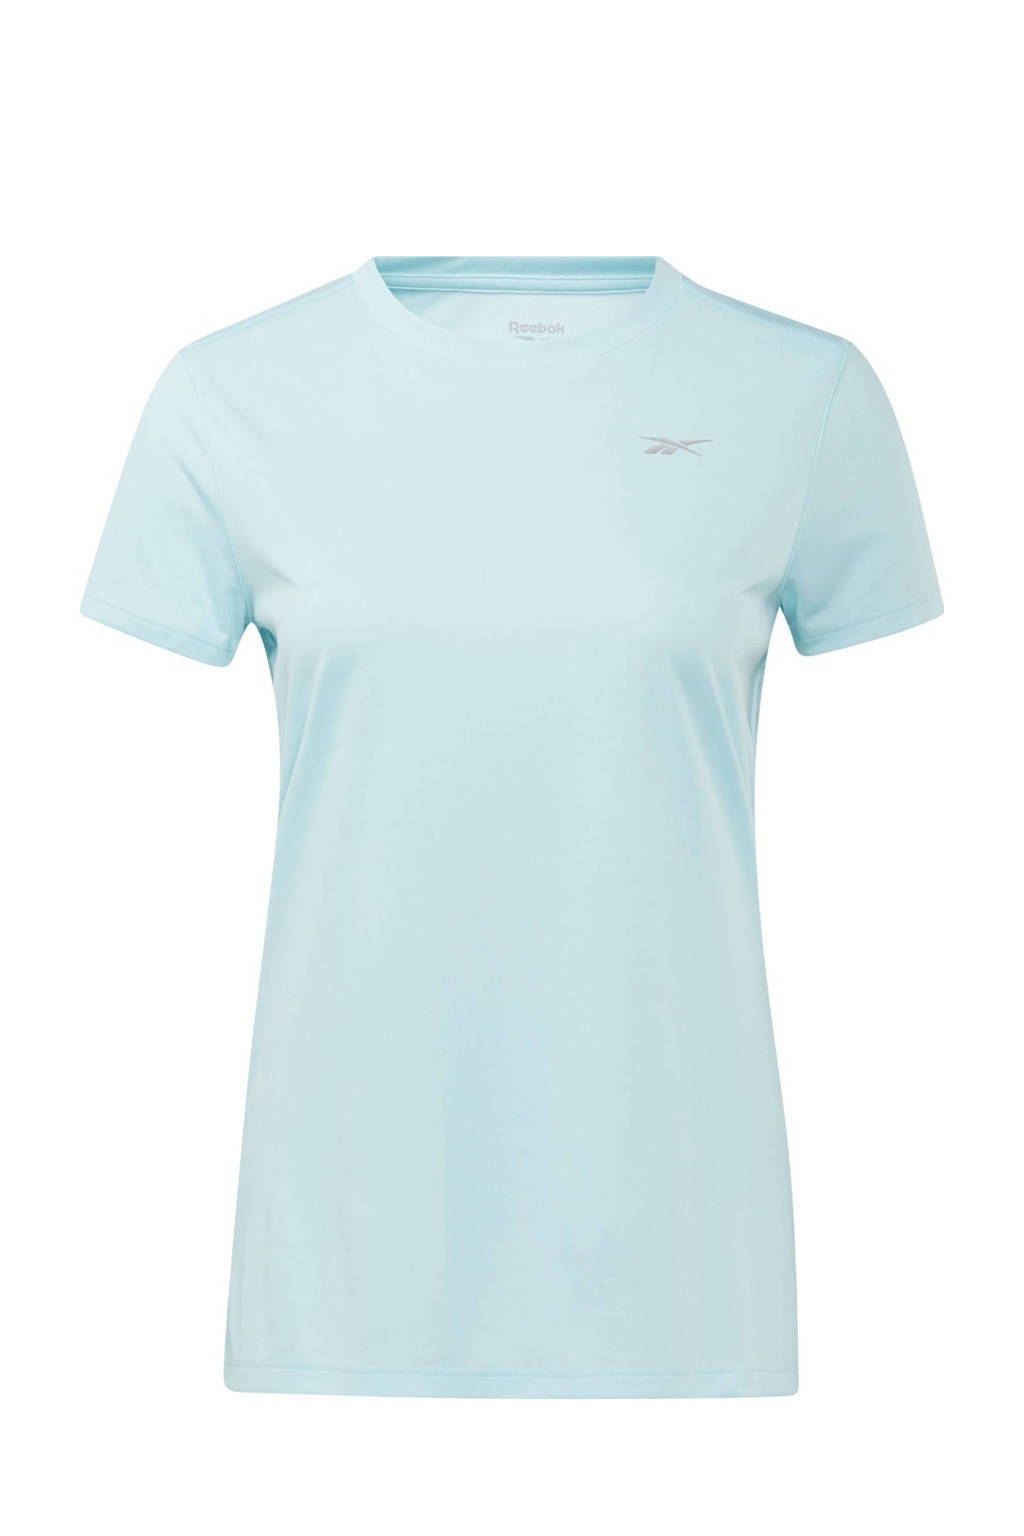 Reebok Training sport T-shirt lichtblauw, Lichtblauw